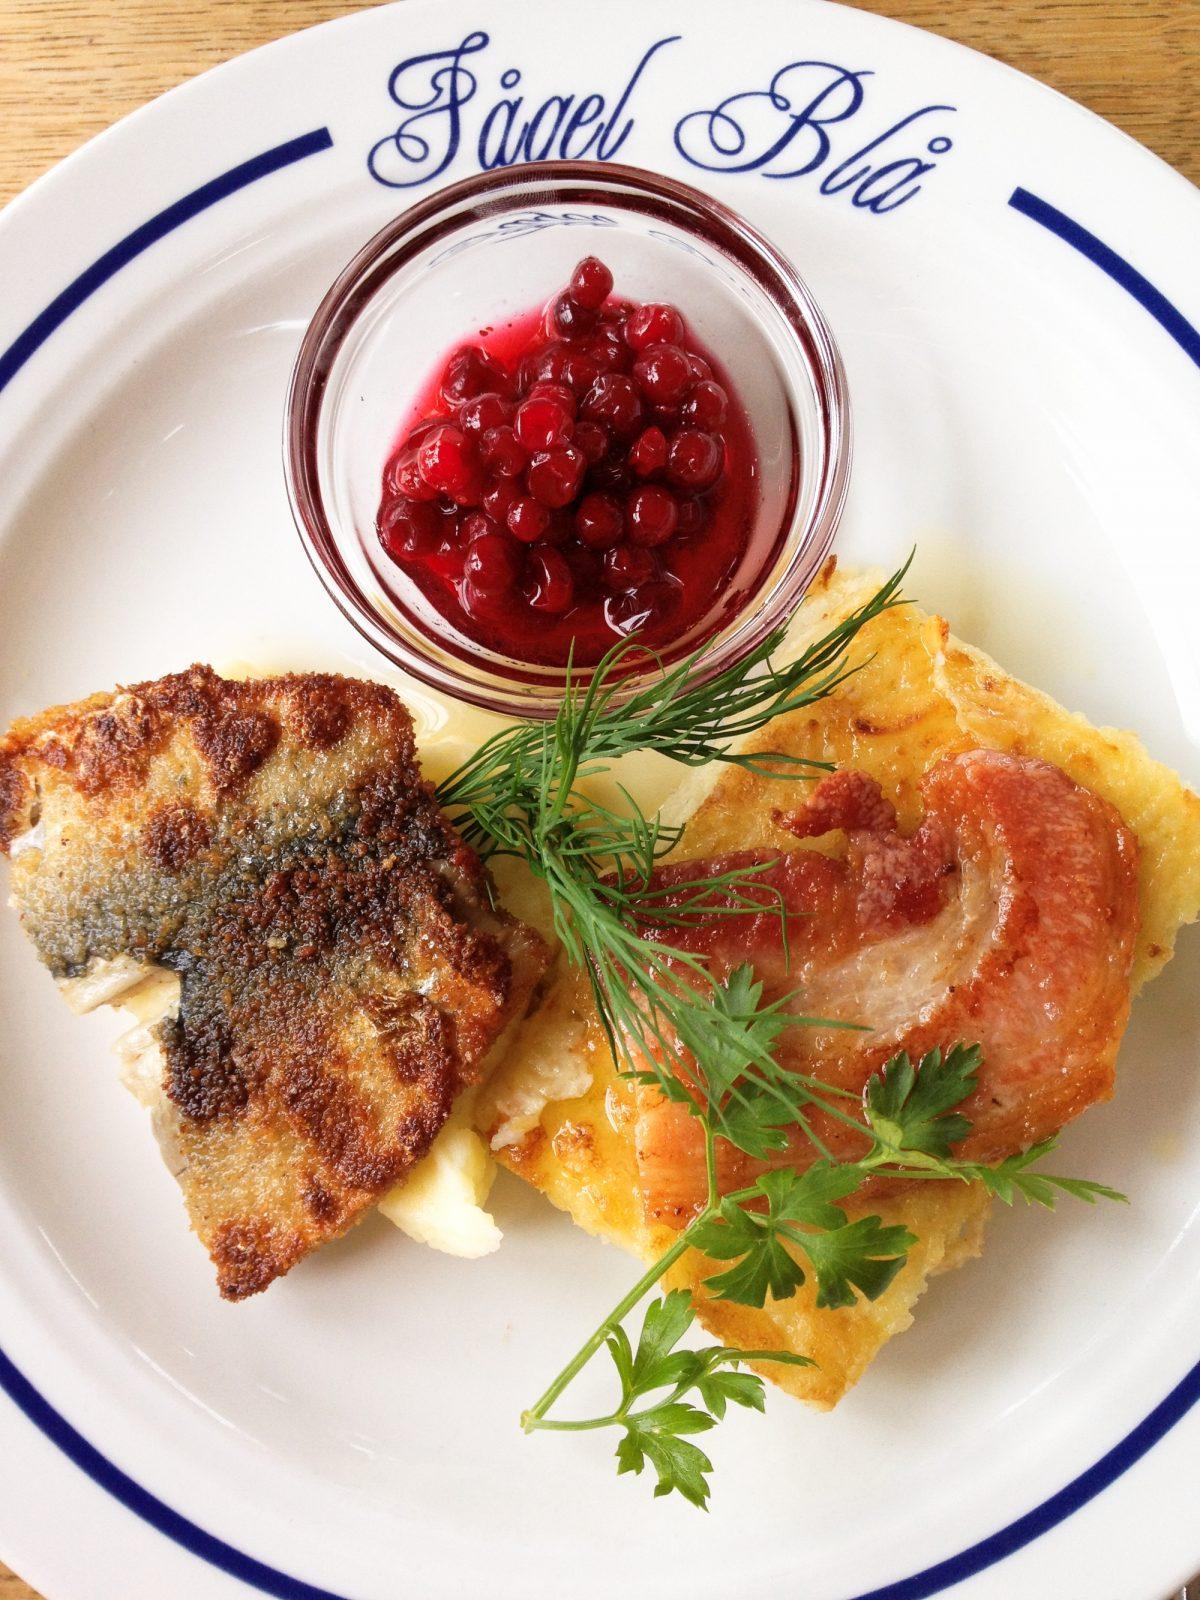 Comida sueca en el restaurante Fågel Blå, Öland